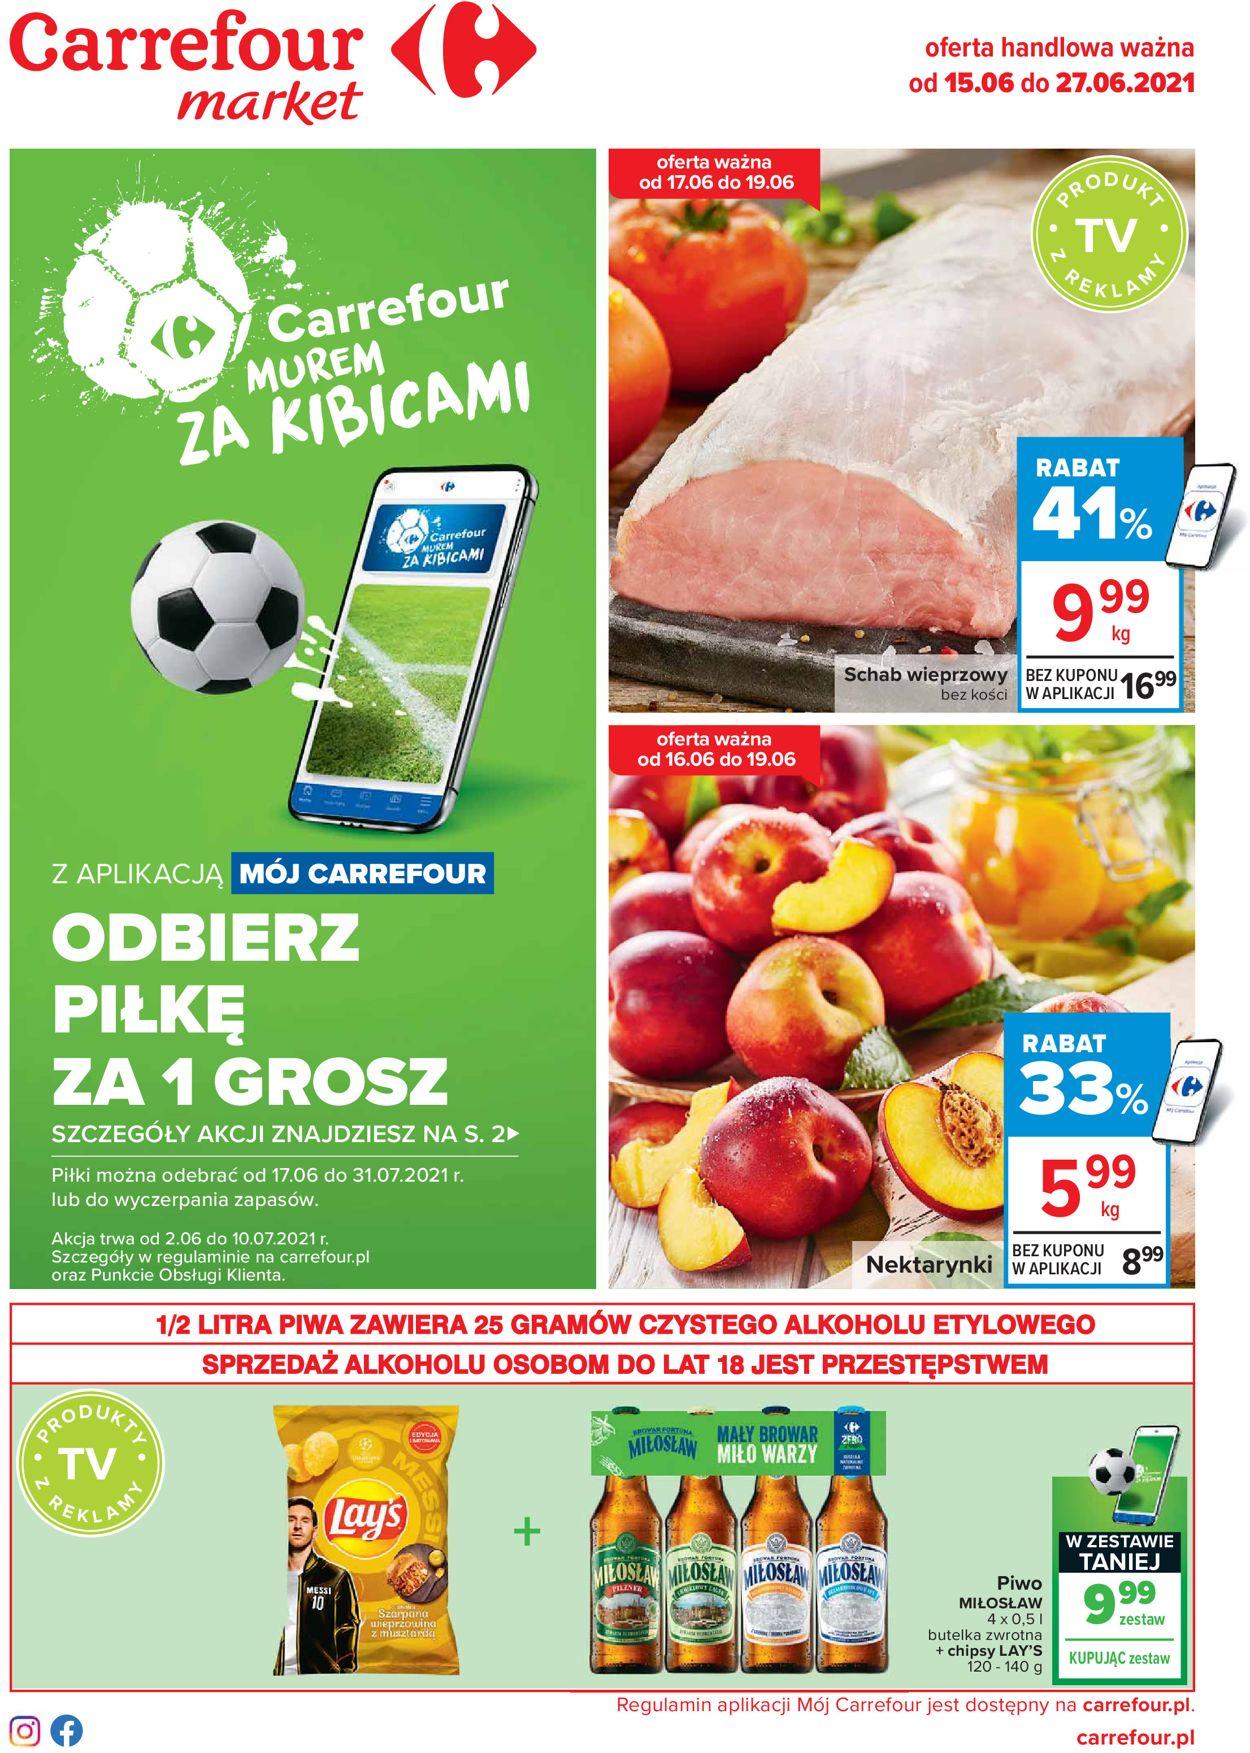 Gazetka promocyjna Carrefour - 15.06-27.06.2021